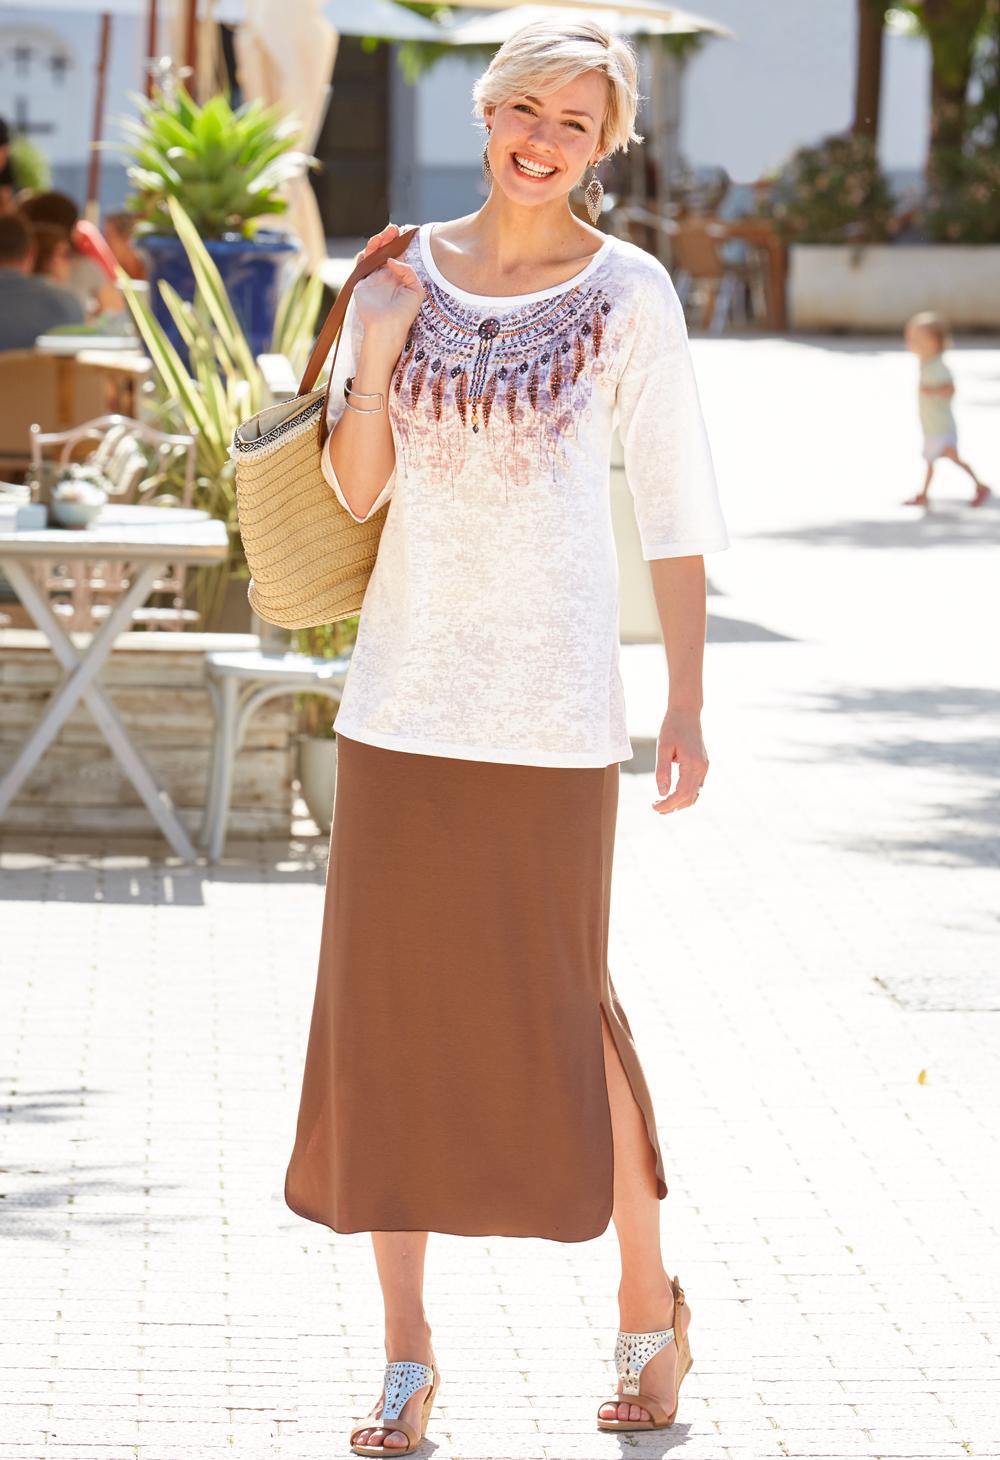 077a0cf447d9a Le look ethnique chic en tunique, jupe longue et sandales